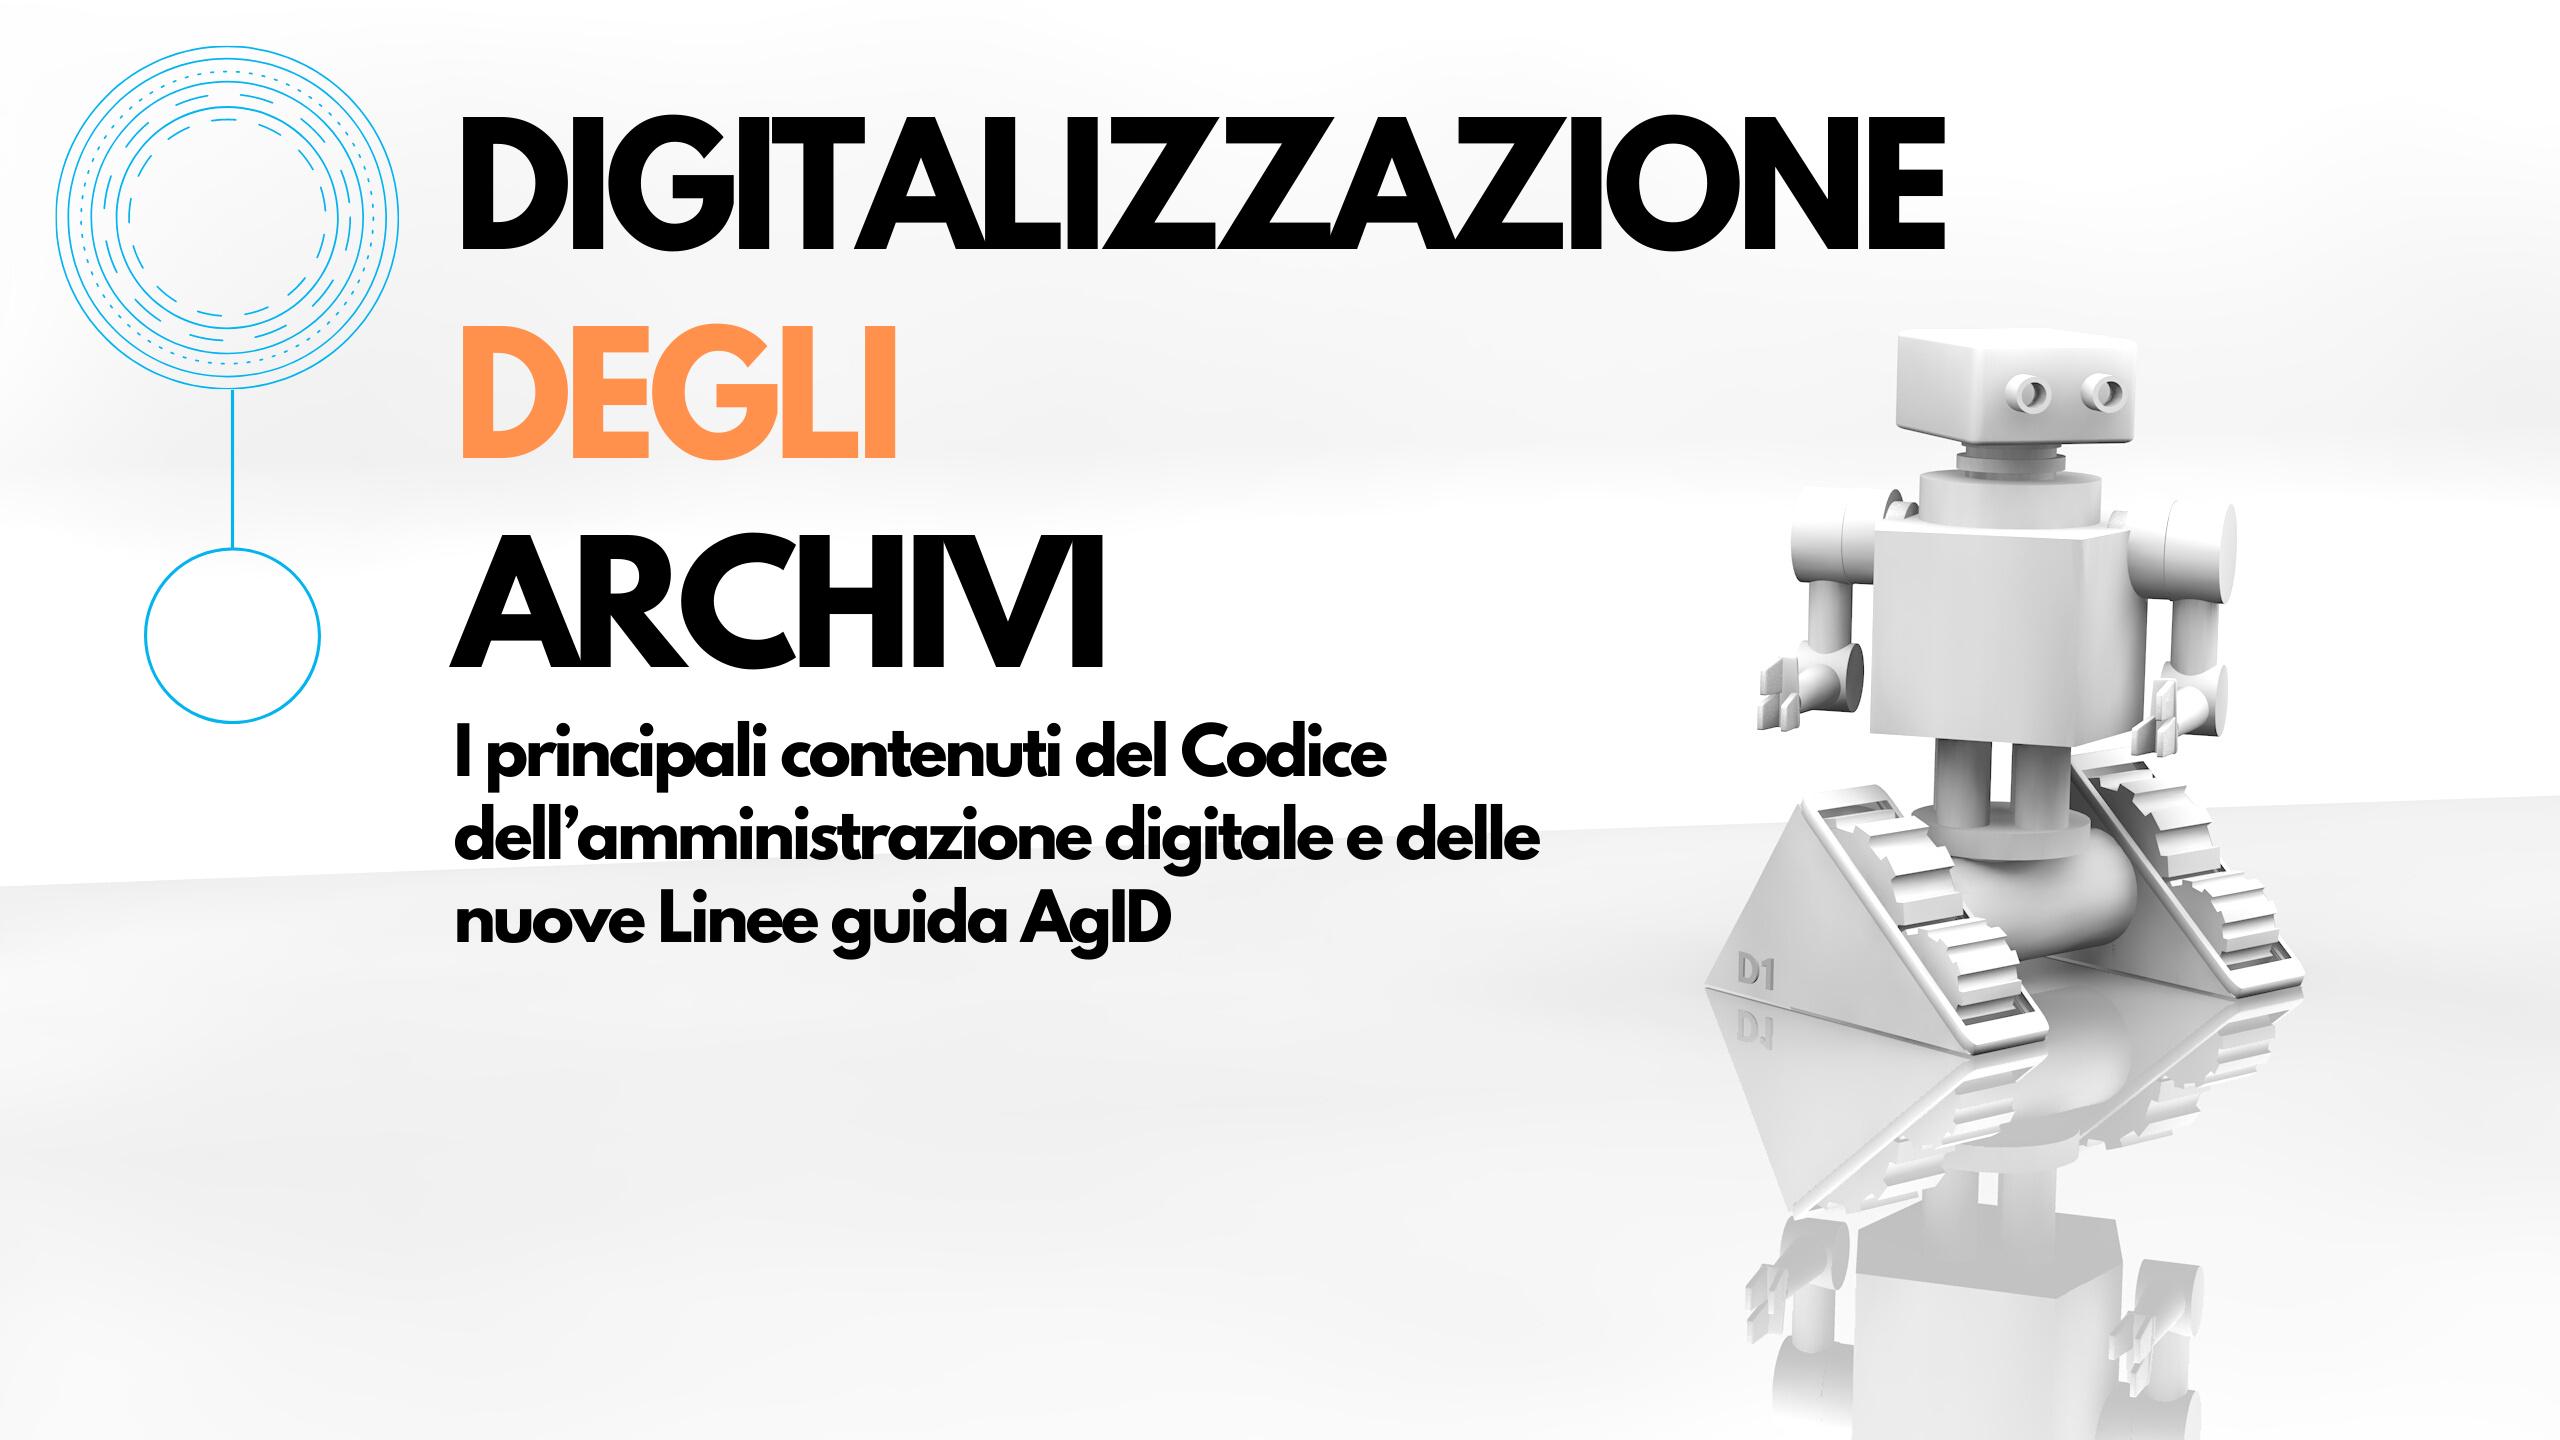 Mastercourse ANORC 2020 - I principali contenuti del Codice dell'amministrazione digitale  e delle nuove Linee guida AgID - Avv. Andrea Lisi